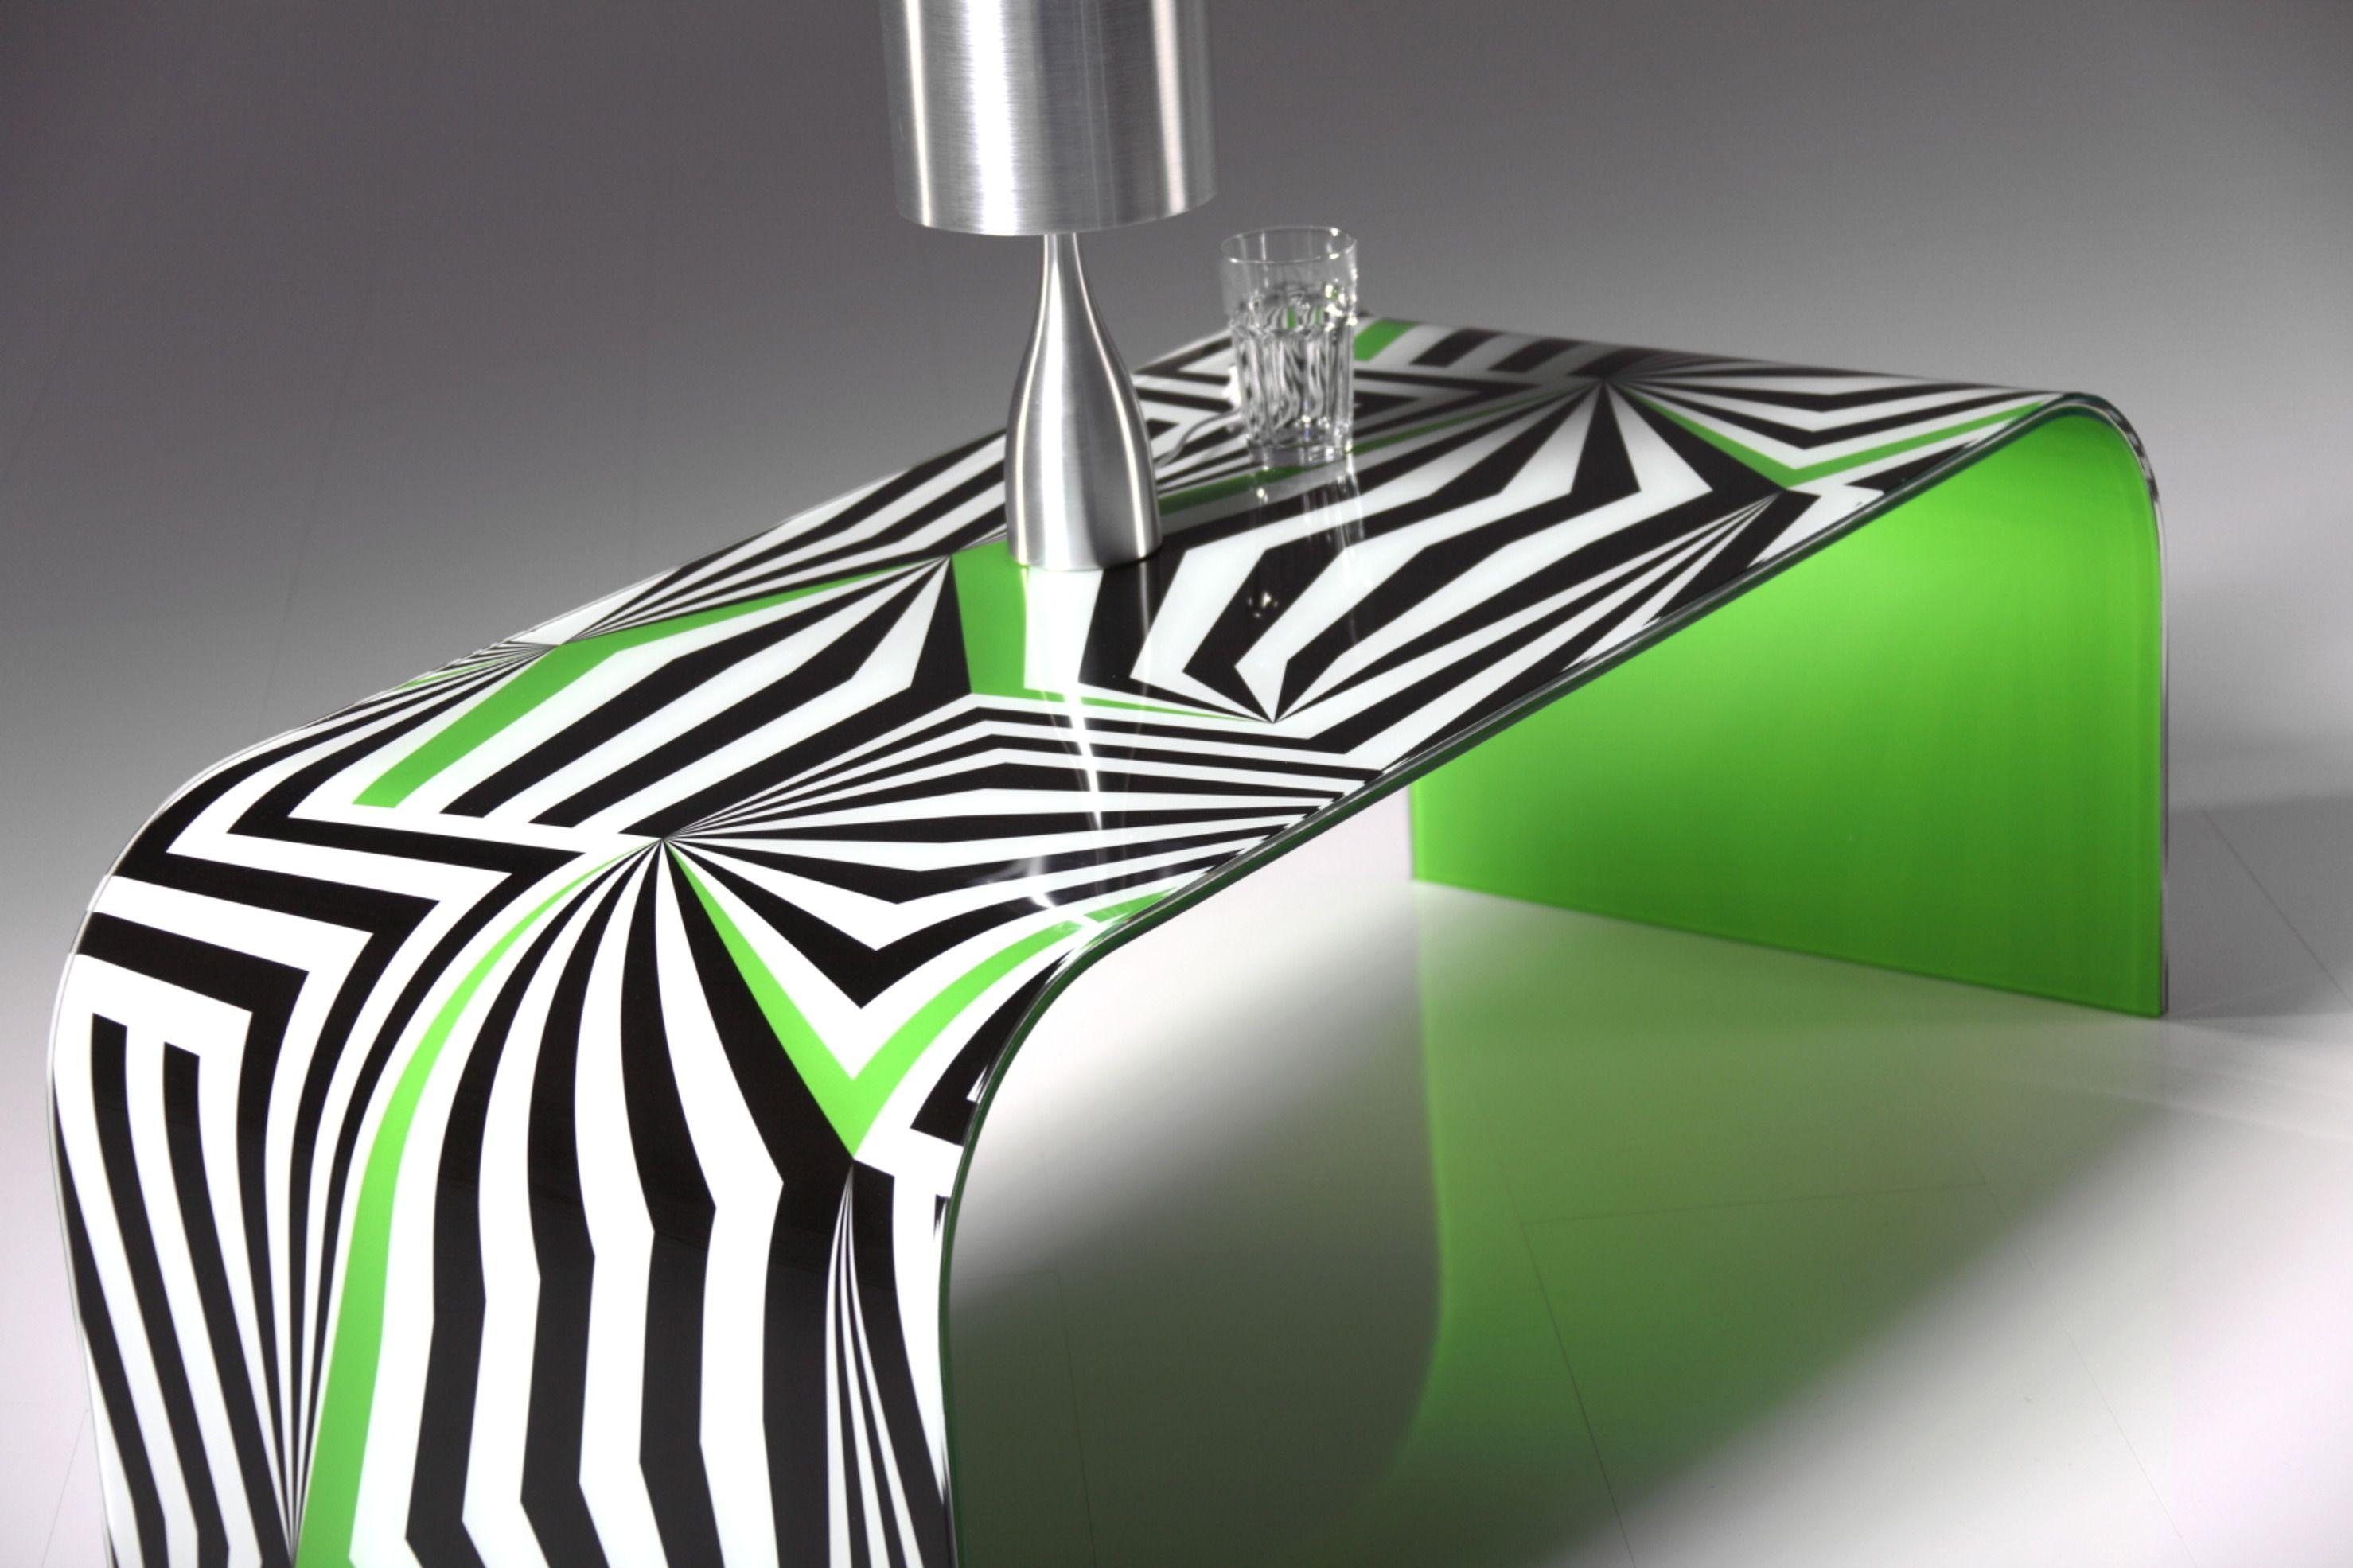 Glas-Troesch-Glastisch-glass-design-table-interior-graphic   Столы ...